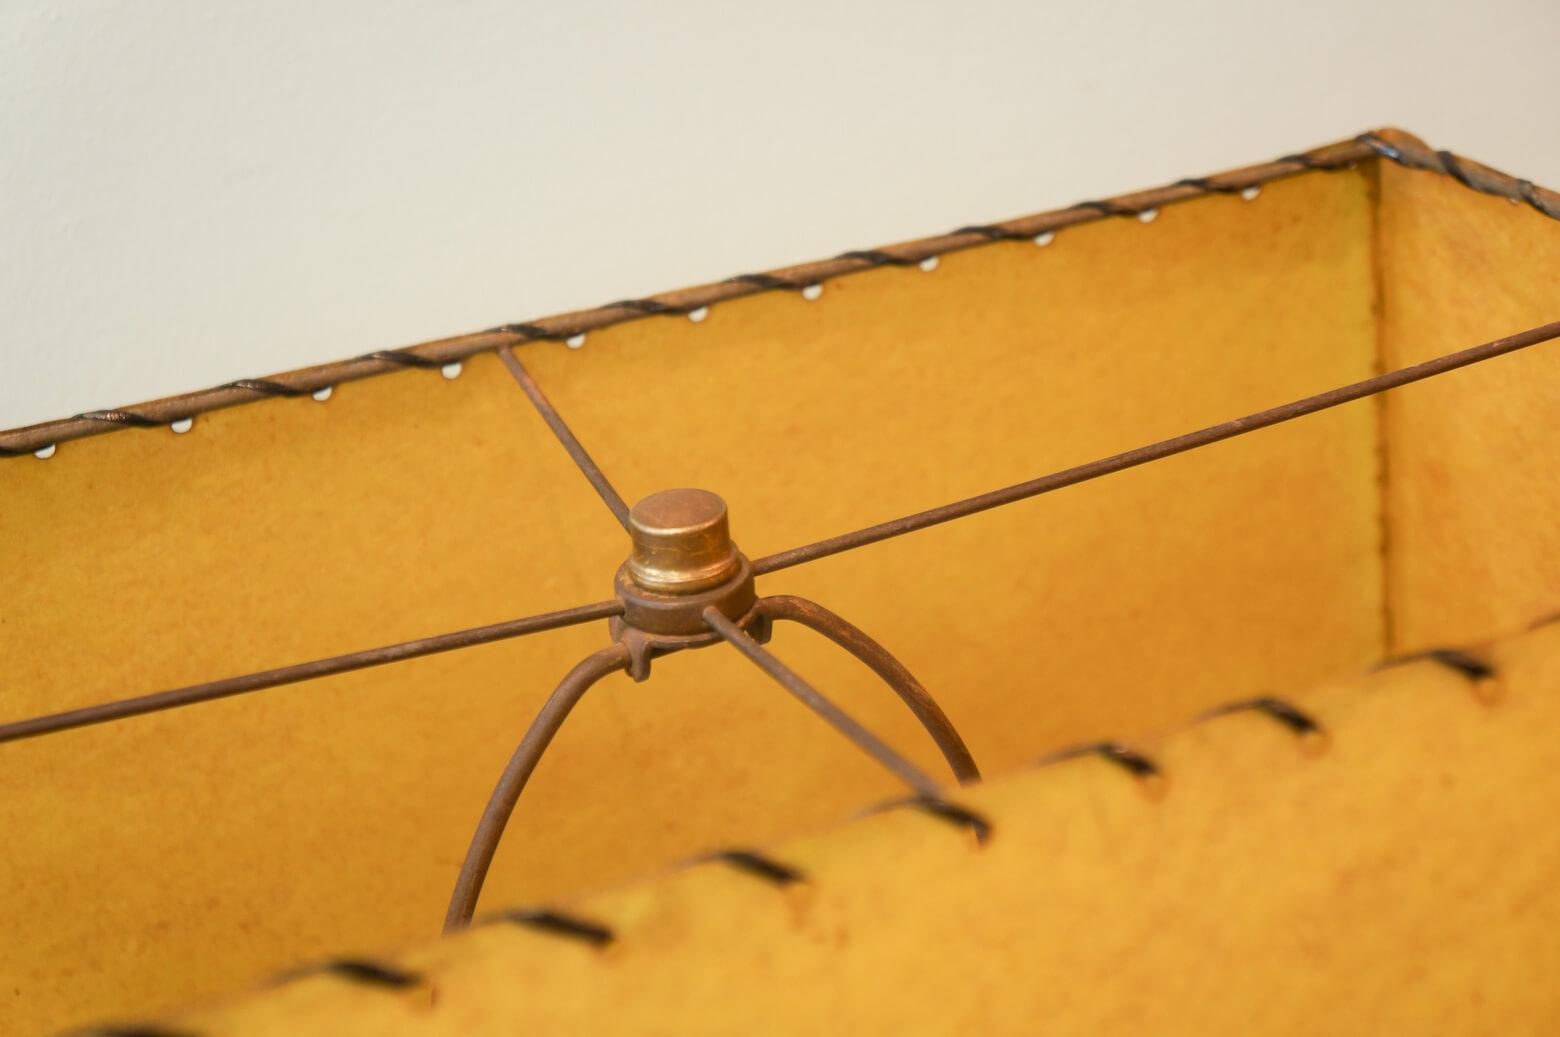 ボコボコとした円錐型のベースが特徴的な、アメリカミッドセンチュリーらしいデザインのテーブルランプ。 セラミック製のベースに施されたゴールドのペイントが個性的なデザインの中に、ちょっぴりゴージャスな雰囲気をプラスしています。ベースと大きな四角いシェードのバランスが面白く、お部屋のアクセントにはもってこいのアイテムです。 海を渡り、何十年もの時を経てきたこちらのランプ、シェードからもれる当時の明かりと温もりはヴィンテージならではの風格です。リビングのサイドボードや寝室のベッドサイドに置き、こなれた感じに個性的な明かりを楽しんでみてはいかがでしょうか♪~[有名、無名の枠にとらわれず、作りやデザインで物を選ぶならFURUICHIへ]東京都杉並区阿佐ヶ谷北 アンティークショップ 古一 北欧ヴィンテージや. ジャパンヴィンテージ. 人気のブランド家具. 食器や雑貨も取り扱い. モデル: 北欧家具、ビンテージ家具、ヴィンテージインテリア ビンテージ家具・インテリア雑貨・ランプ・USED品・ リサイクルならフルイチへ~